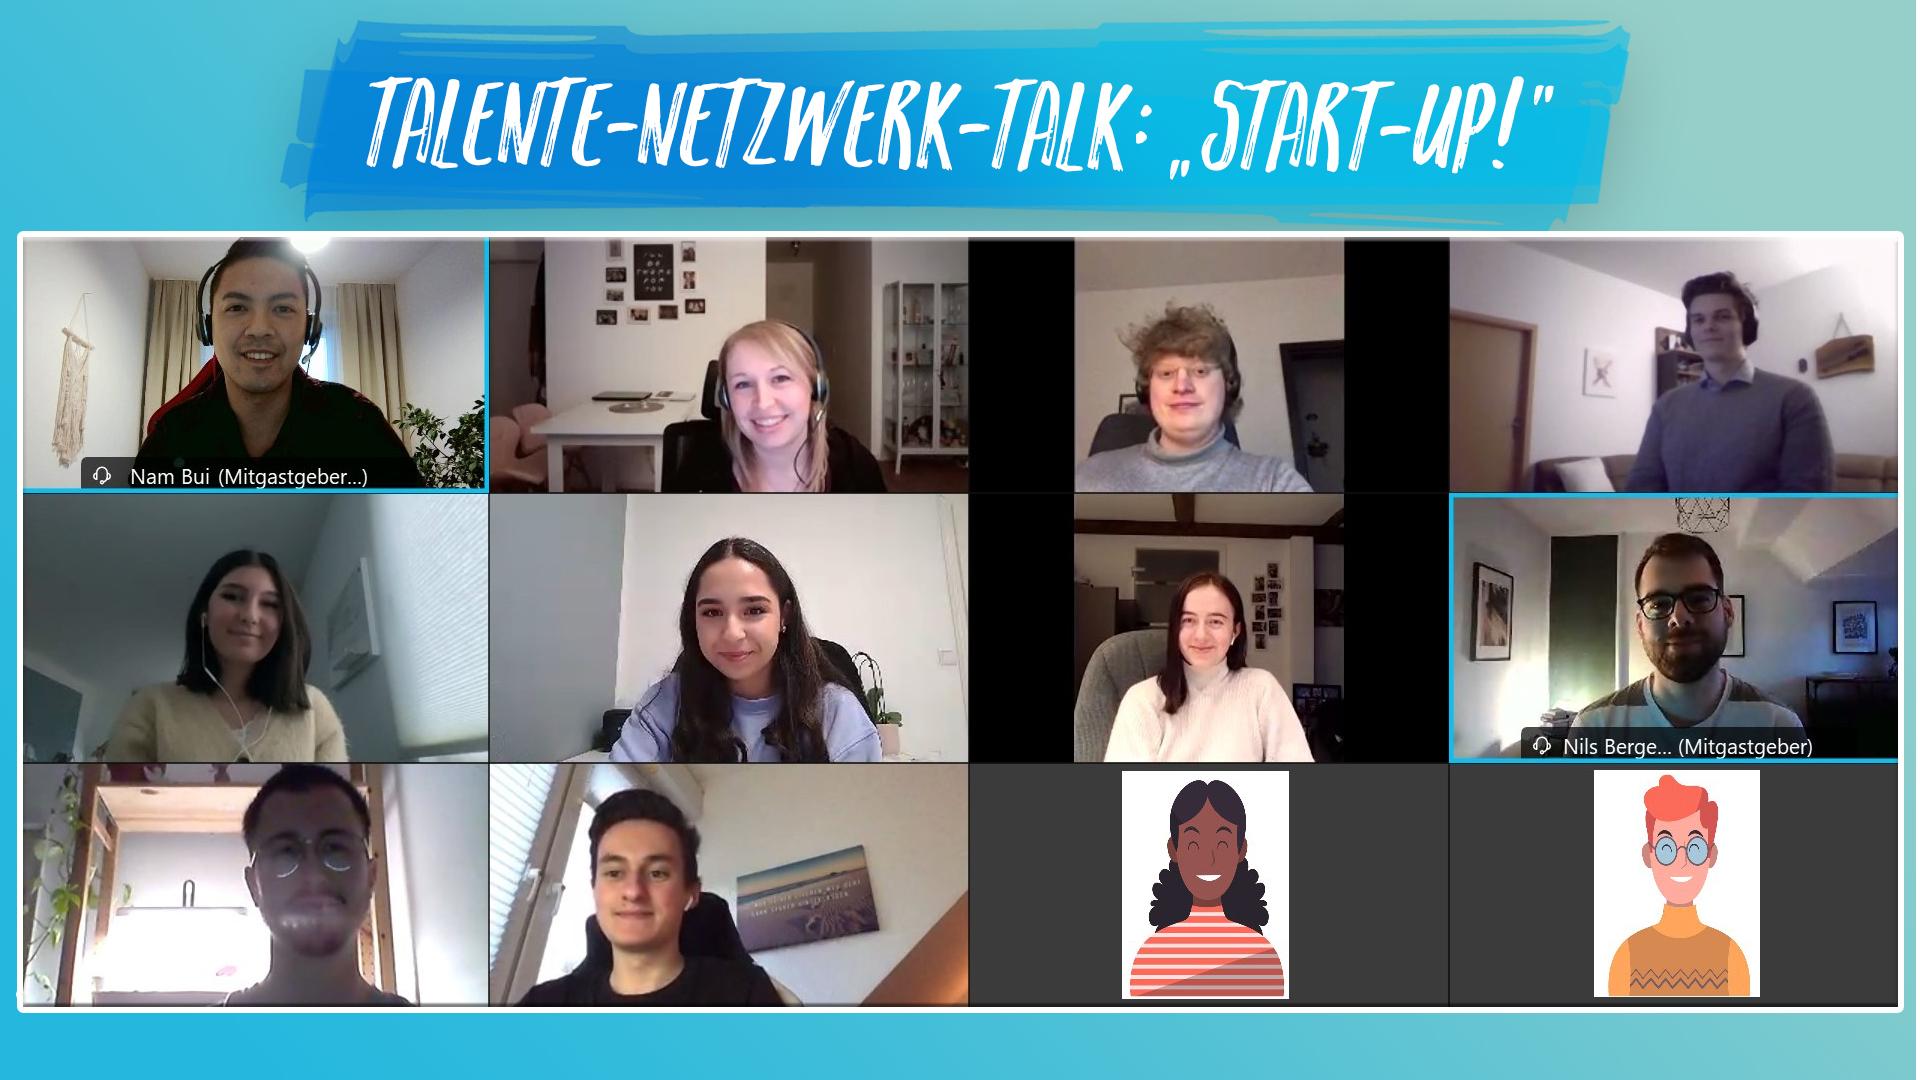 """TalenteNetzwerkTalk: """"Start-Up!"""""""